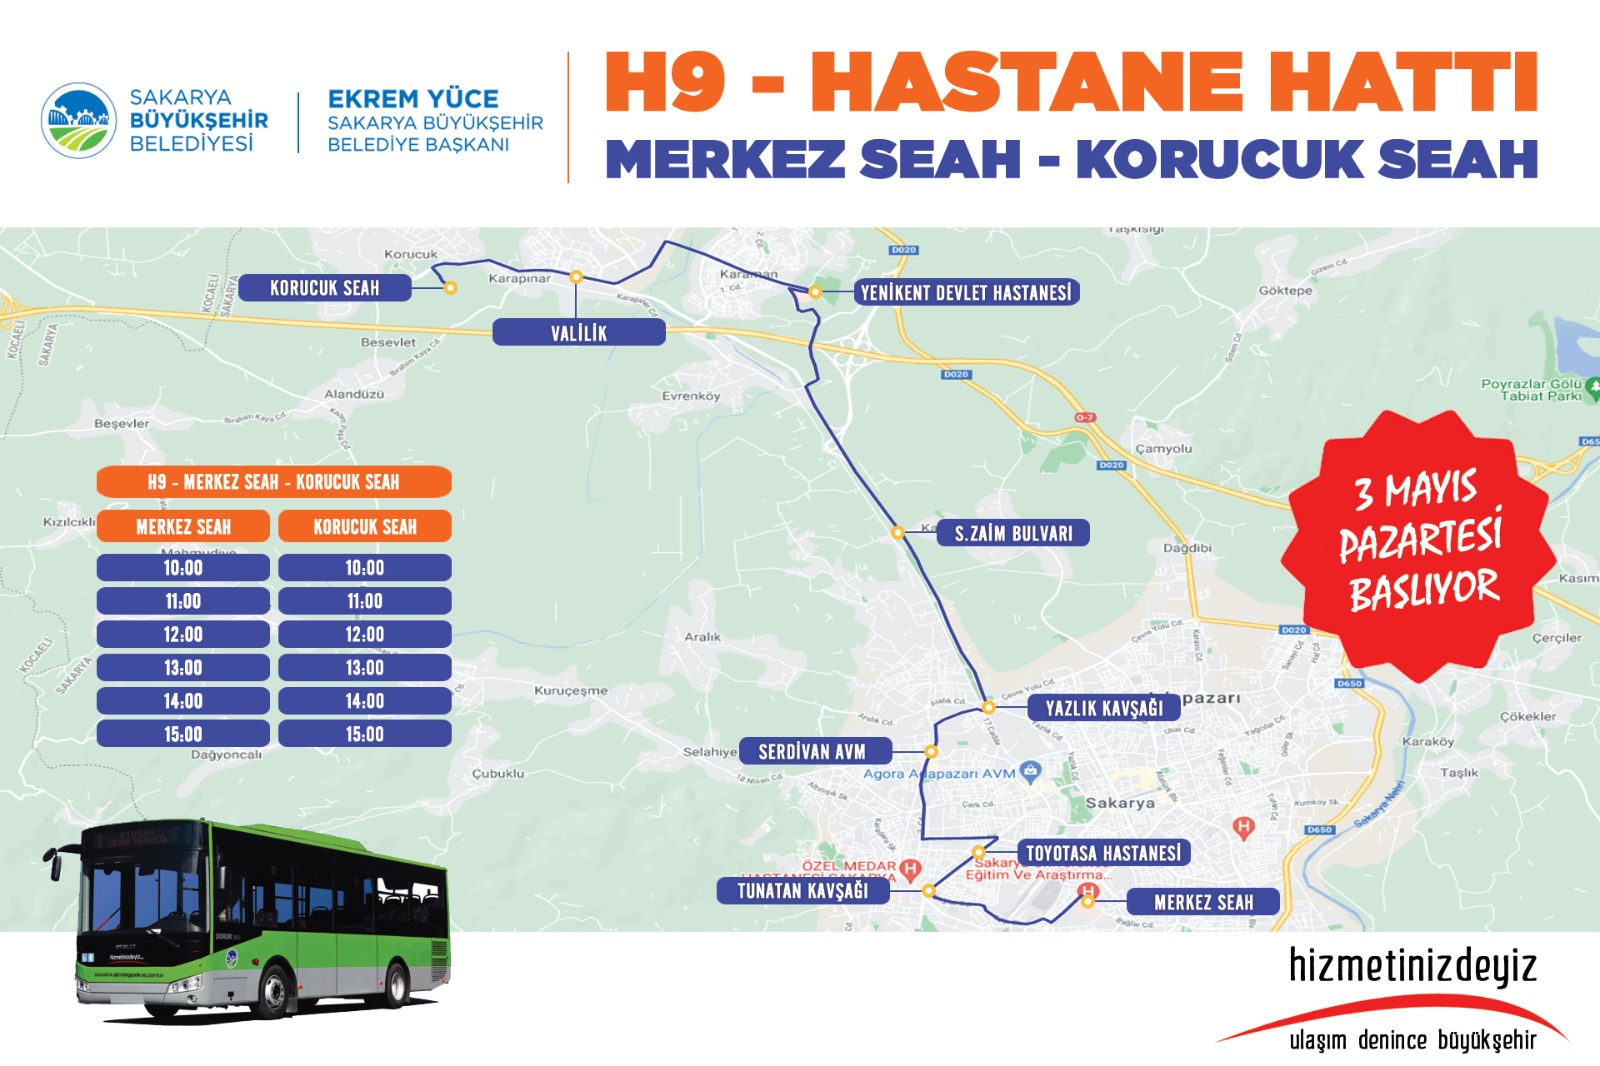 Kısıtlamadan muaf olan vatandaşlar ve sağlık çalışanları içinHastane ulaşımına yeni hat: H9